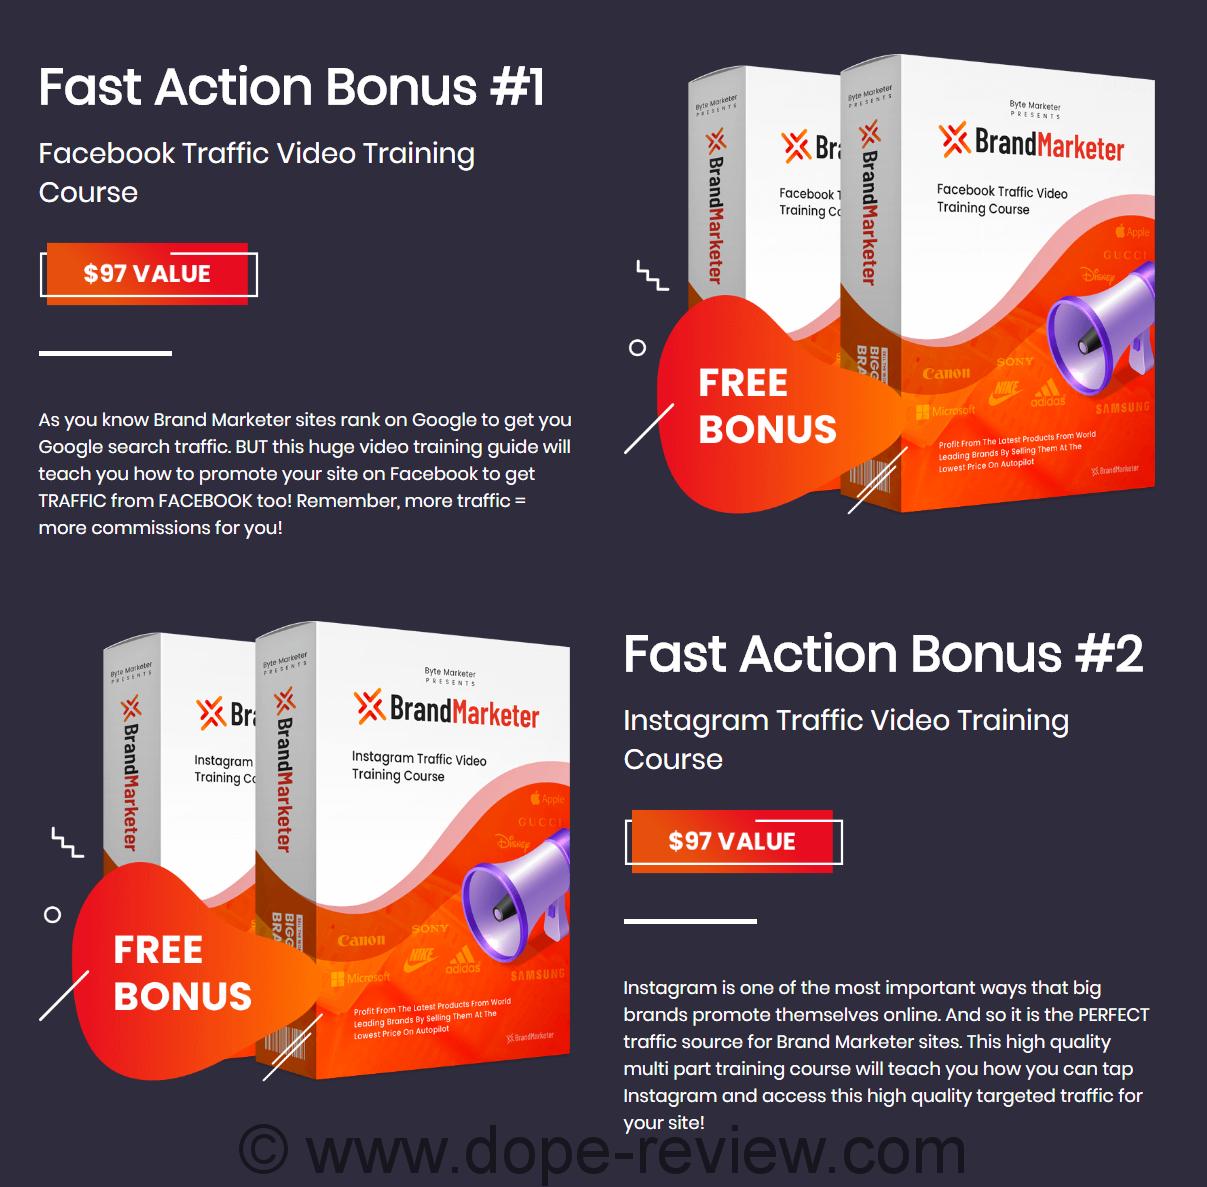 Brand Marketer Bonus